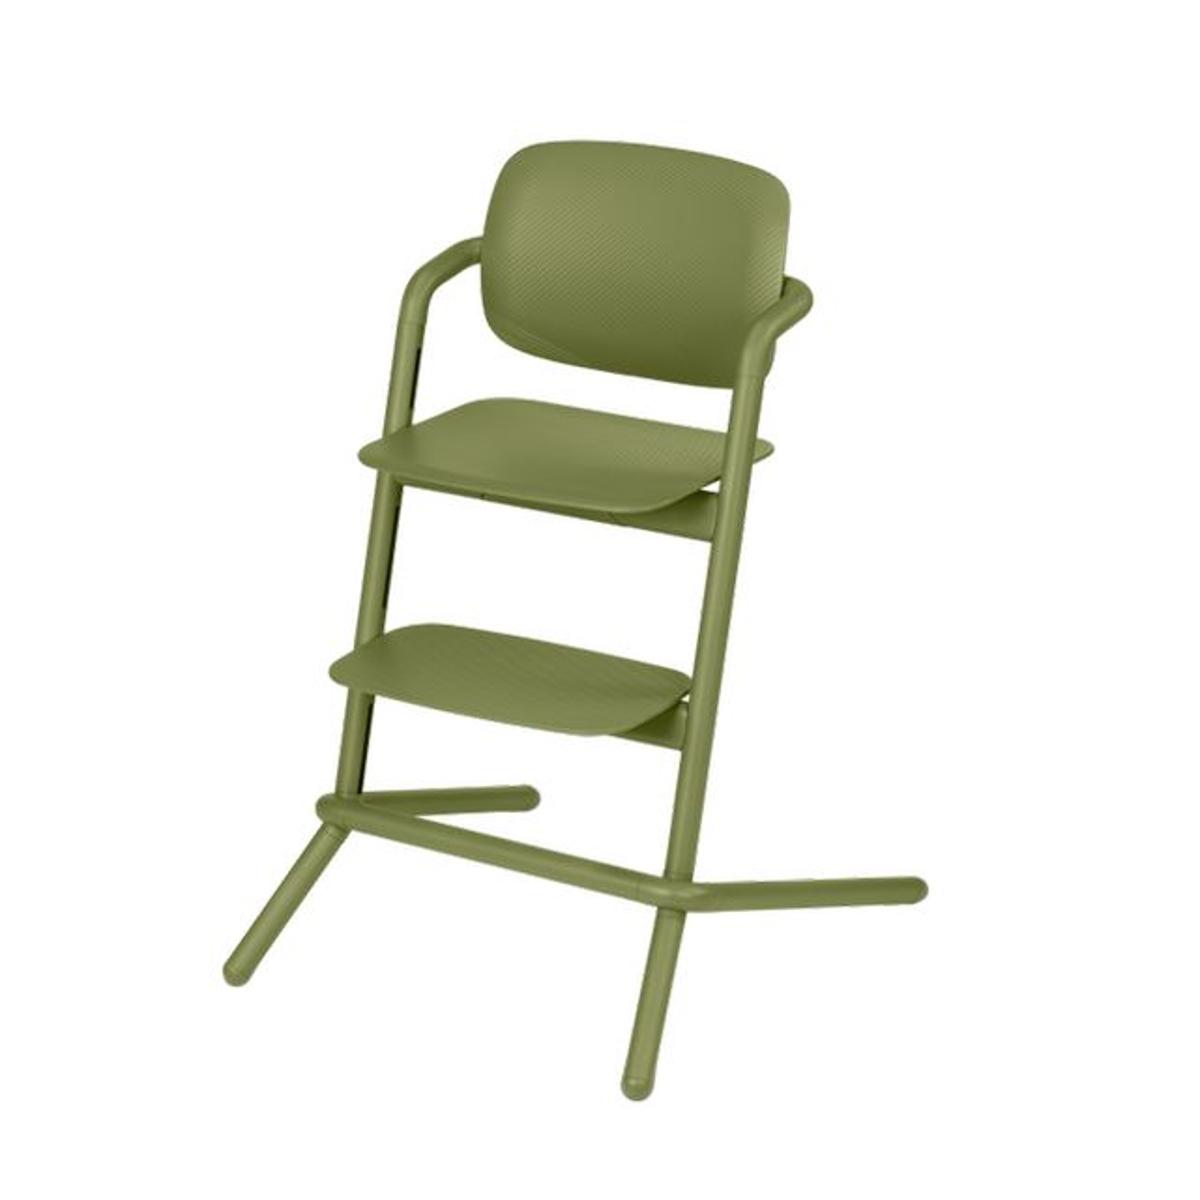 Chaise haute Lemo outback green